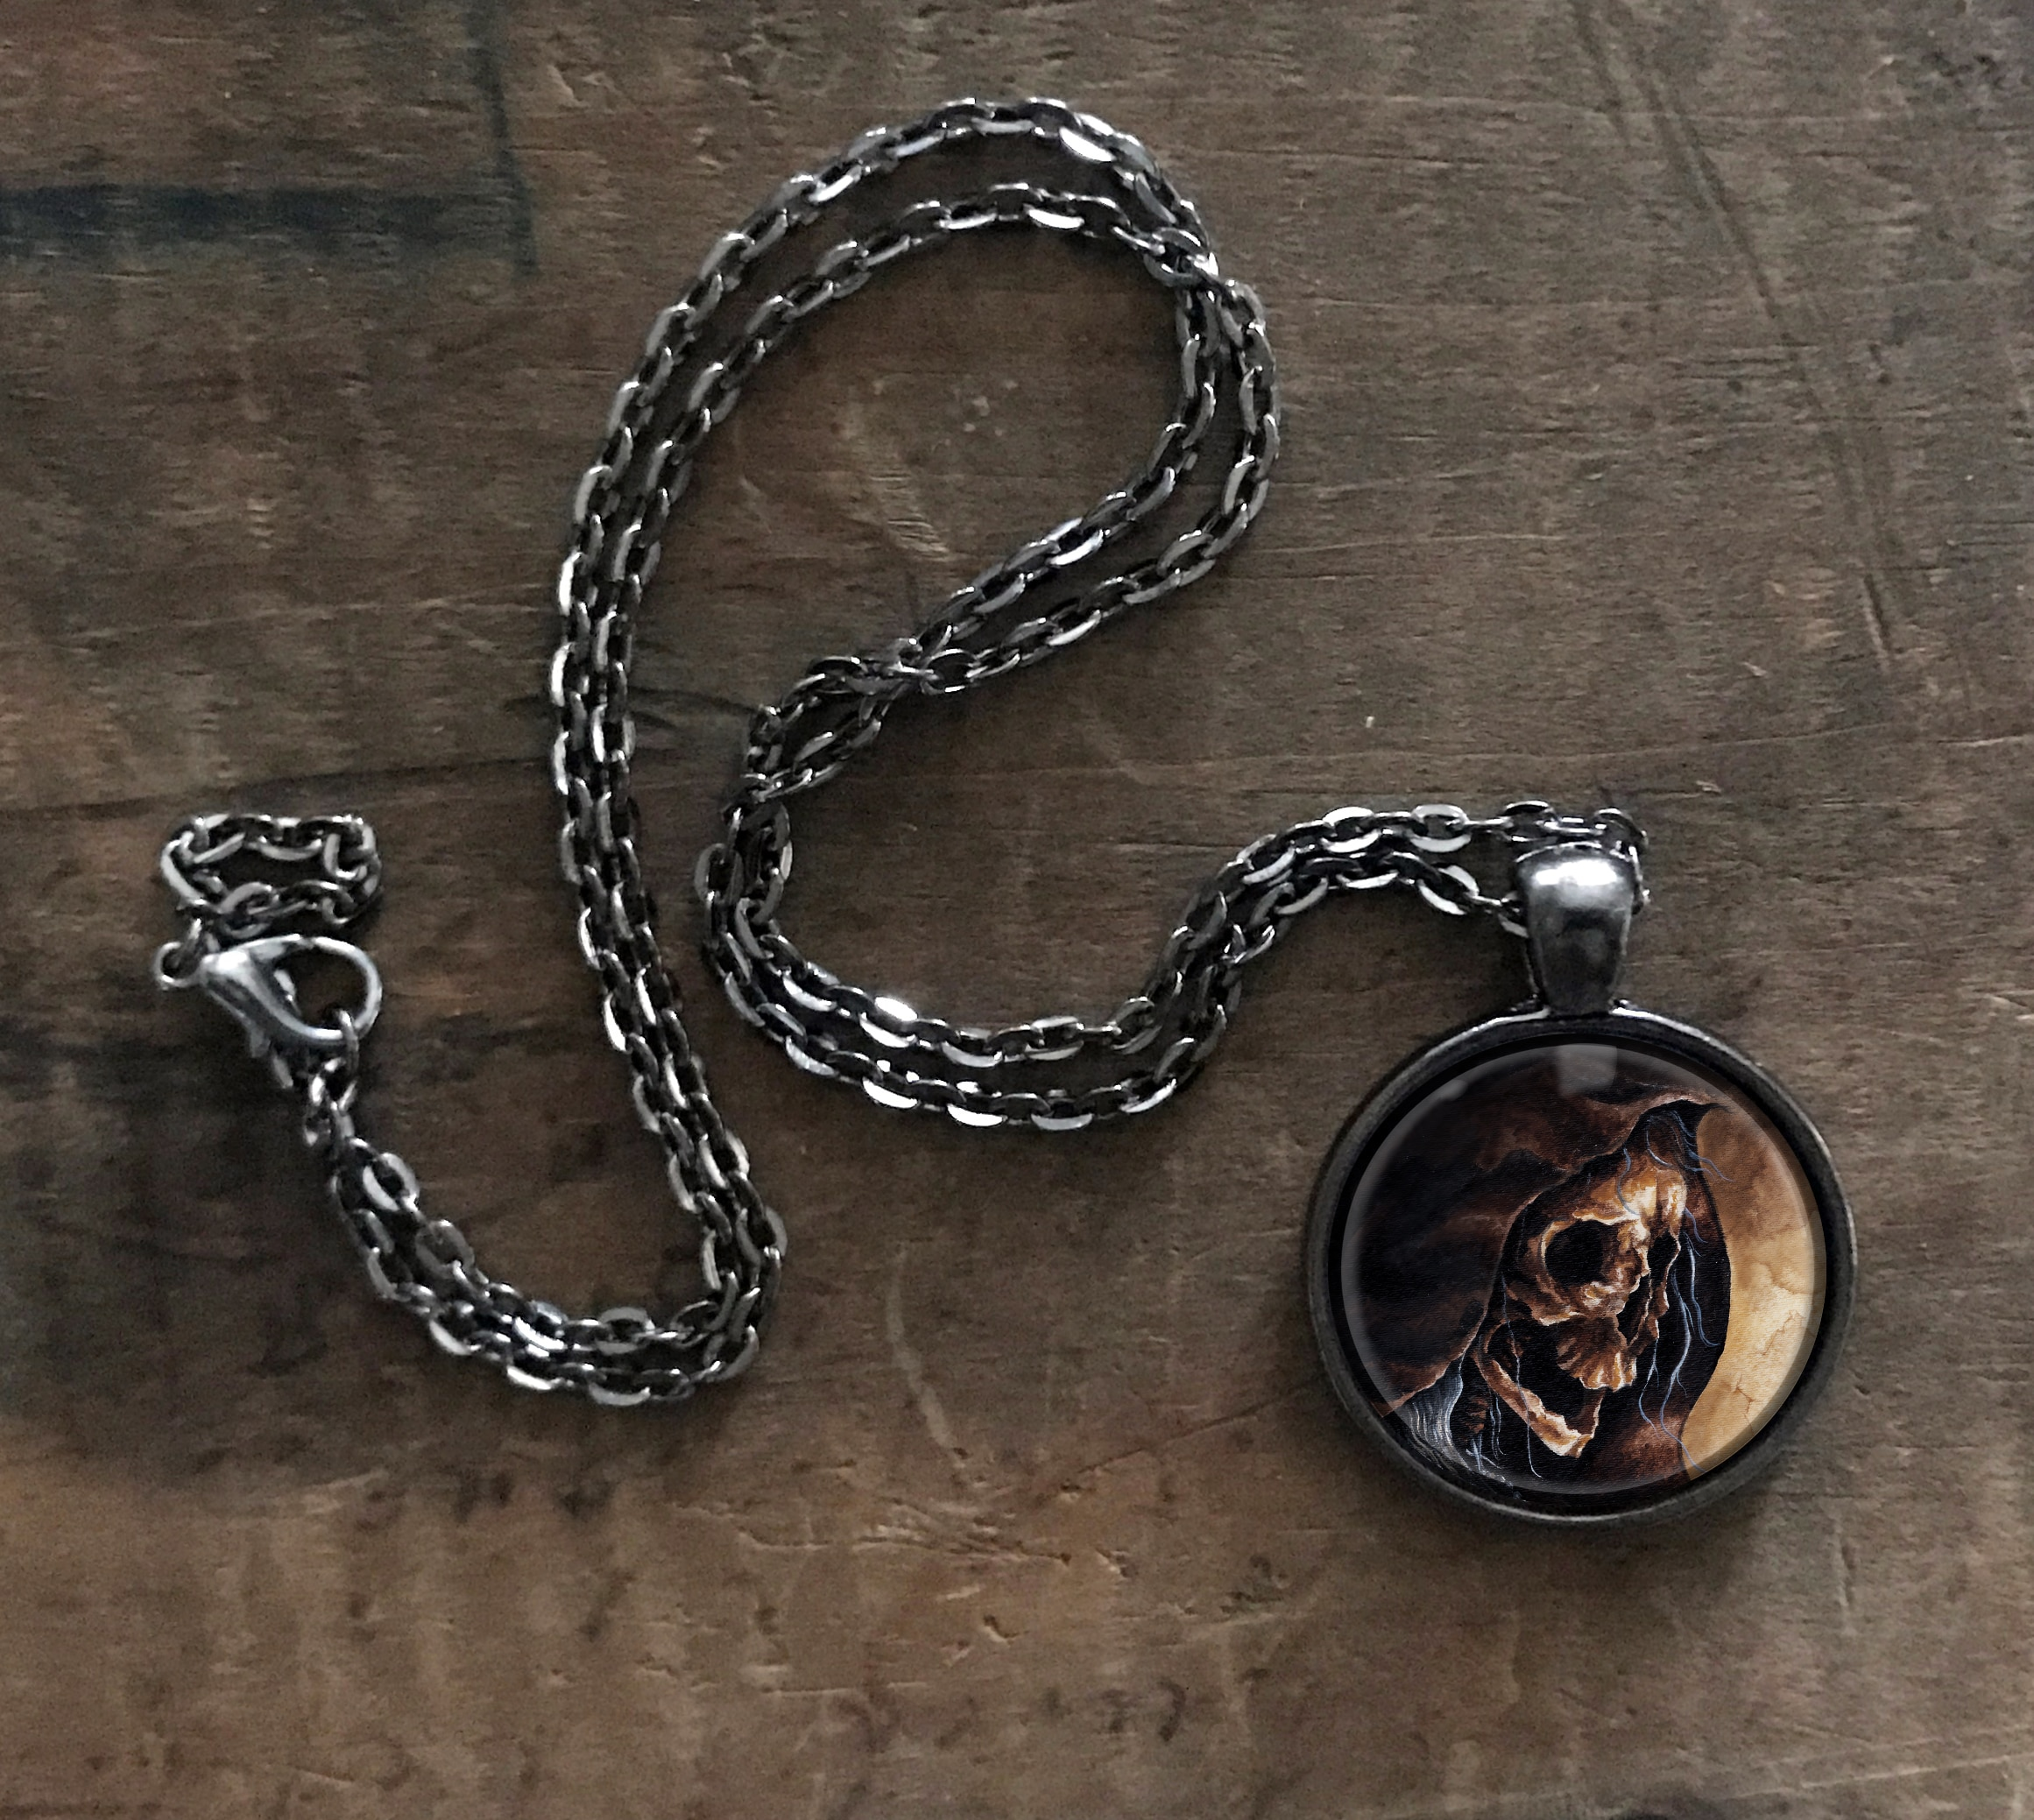 Hooded Skeleton Necklace